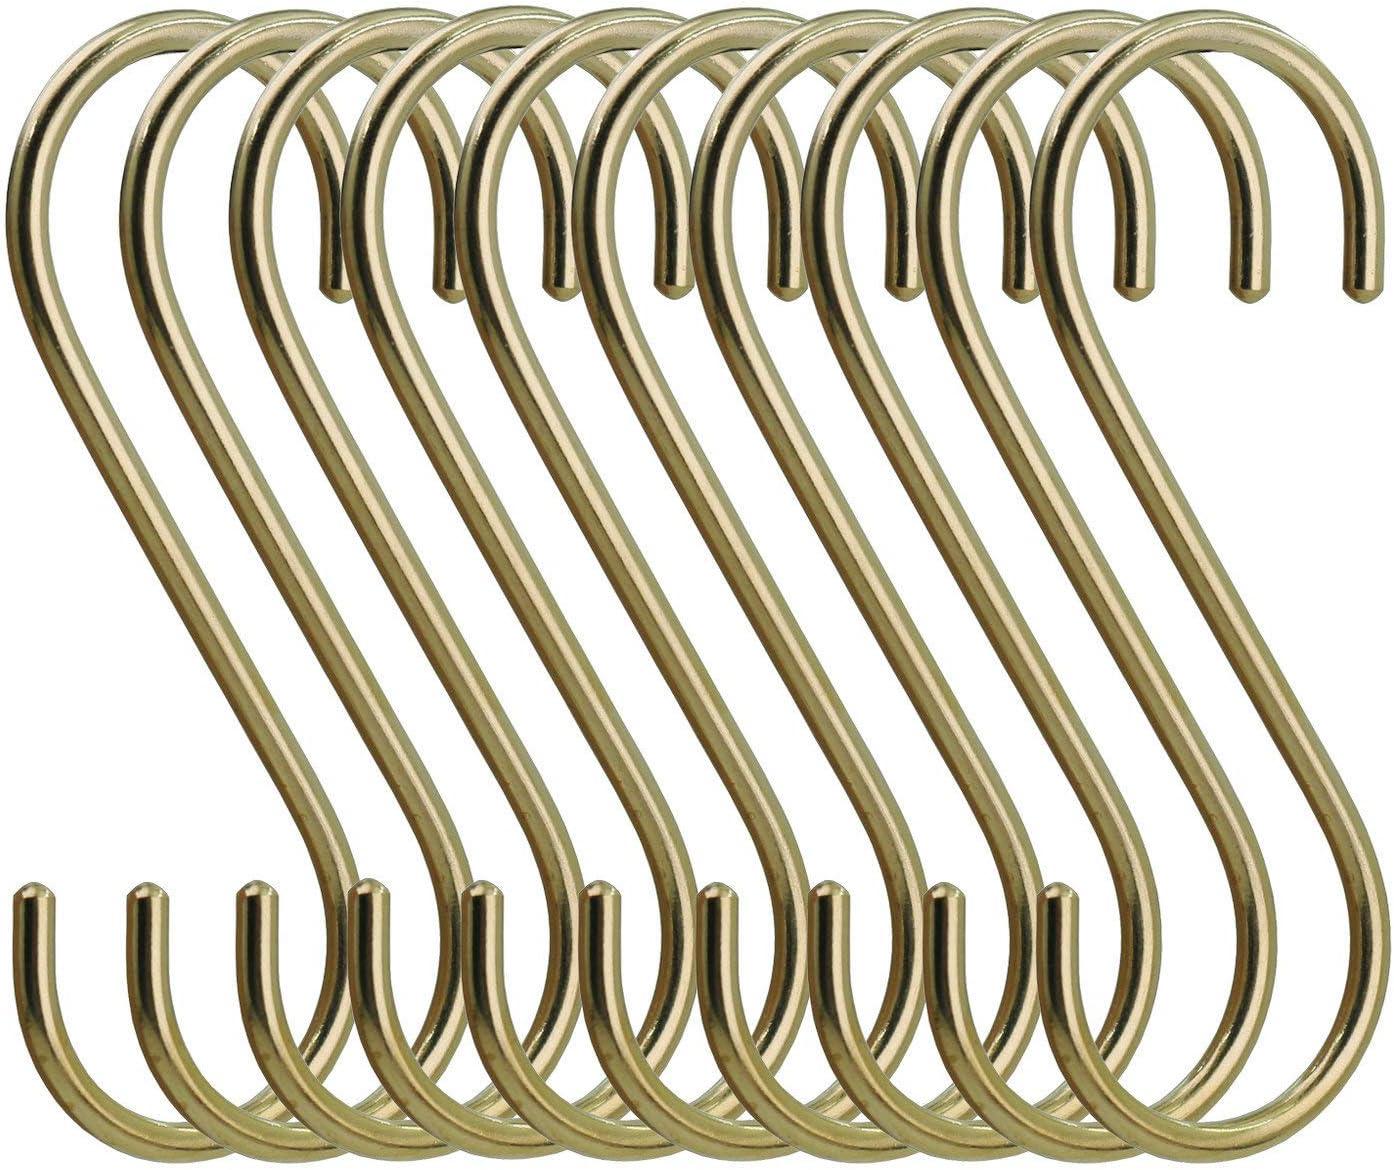 simpletome Ganchos en Forma de S para Colgar Resistentes Metal S Ganchos 10 Unidades Oro